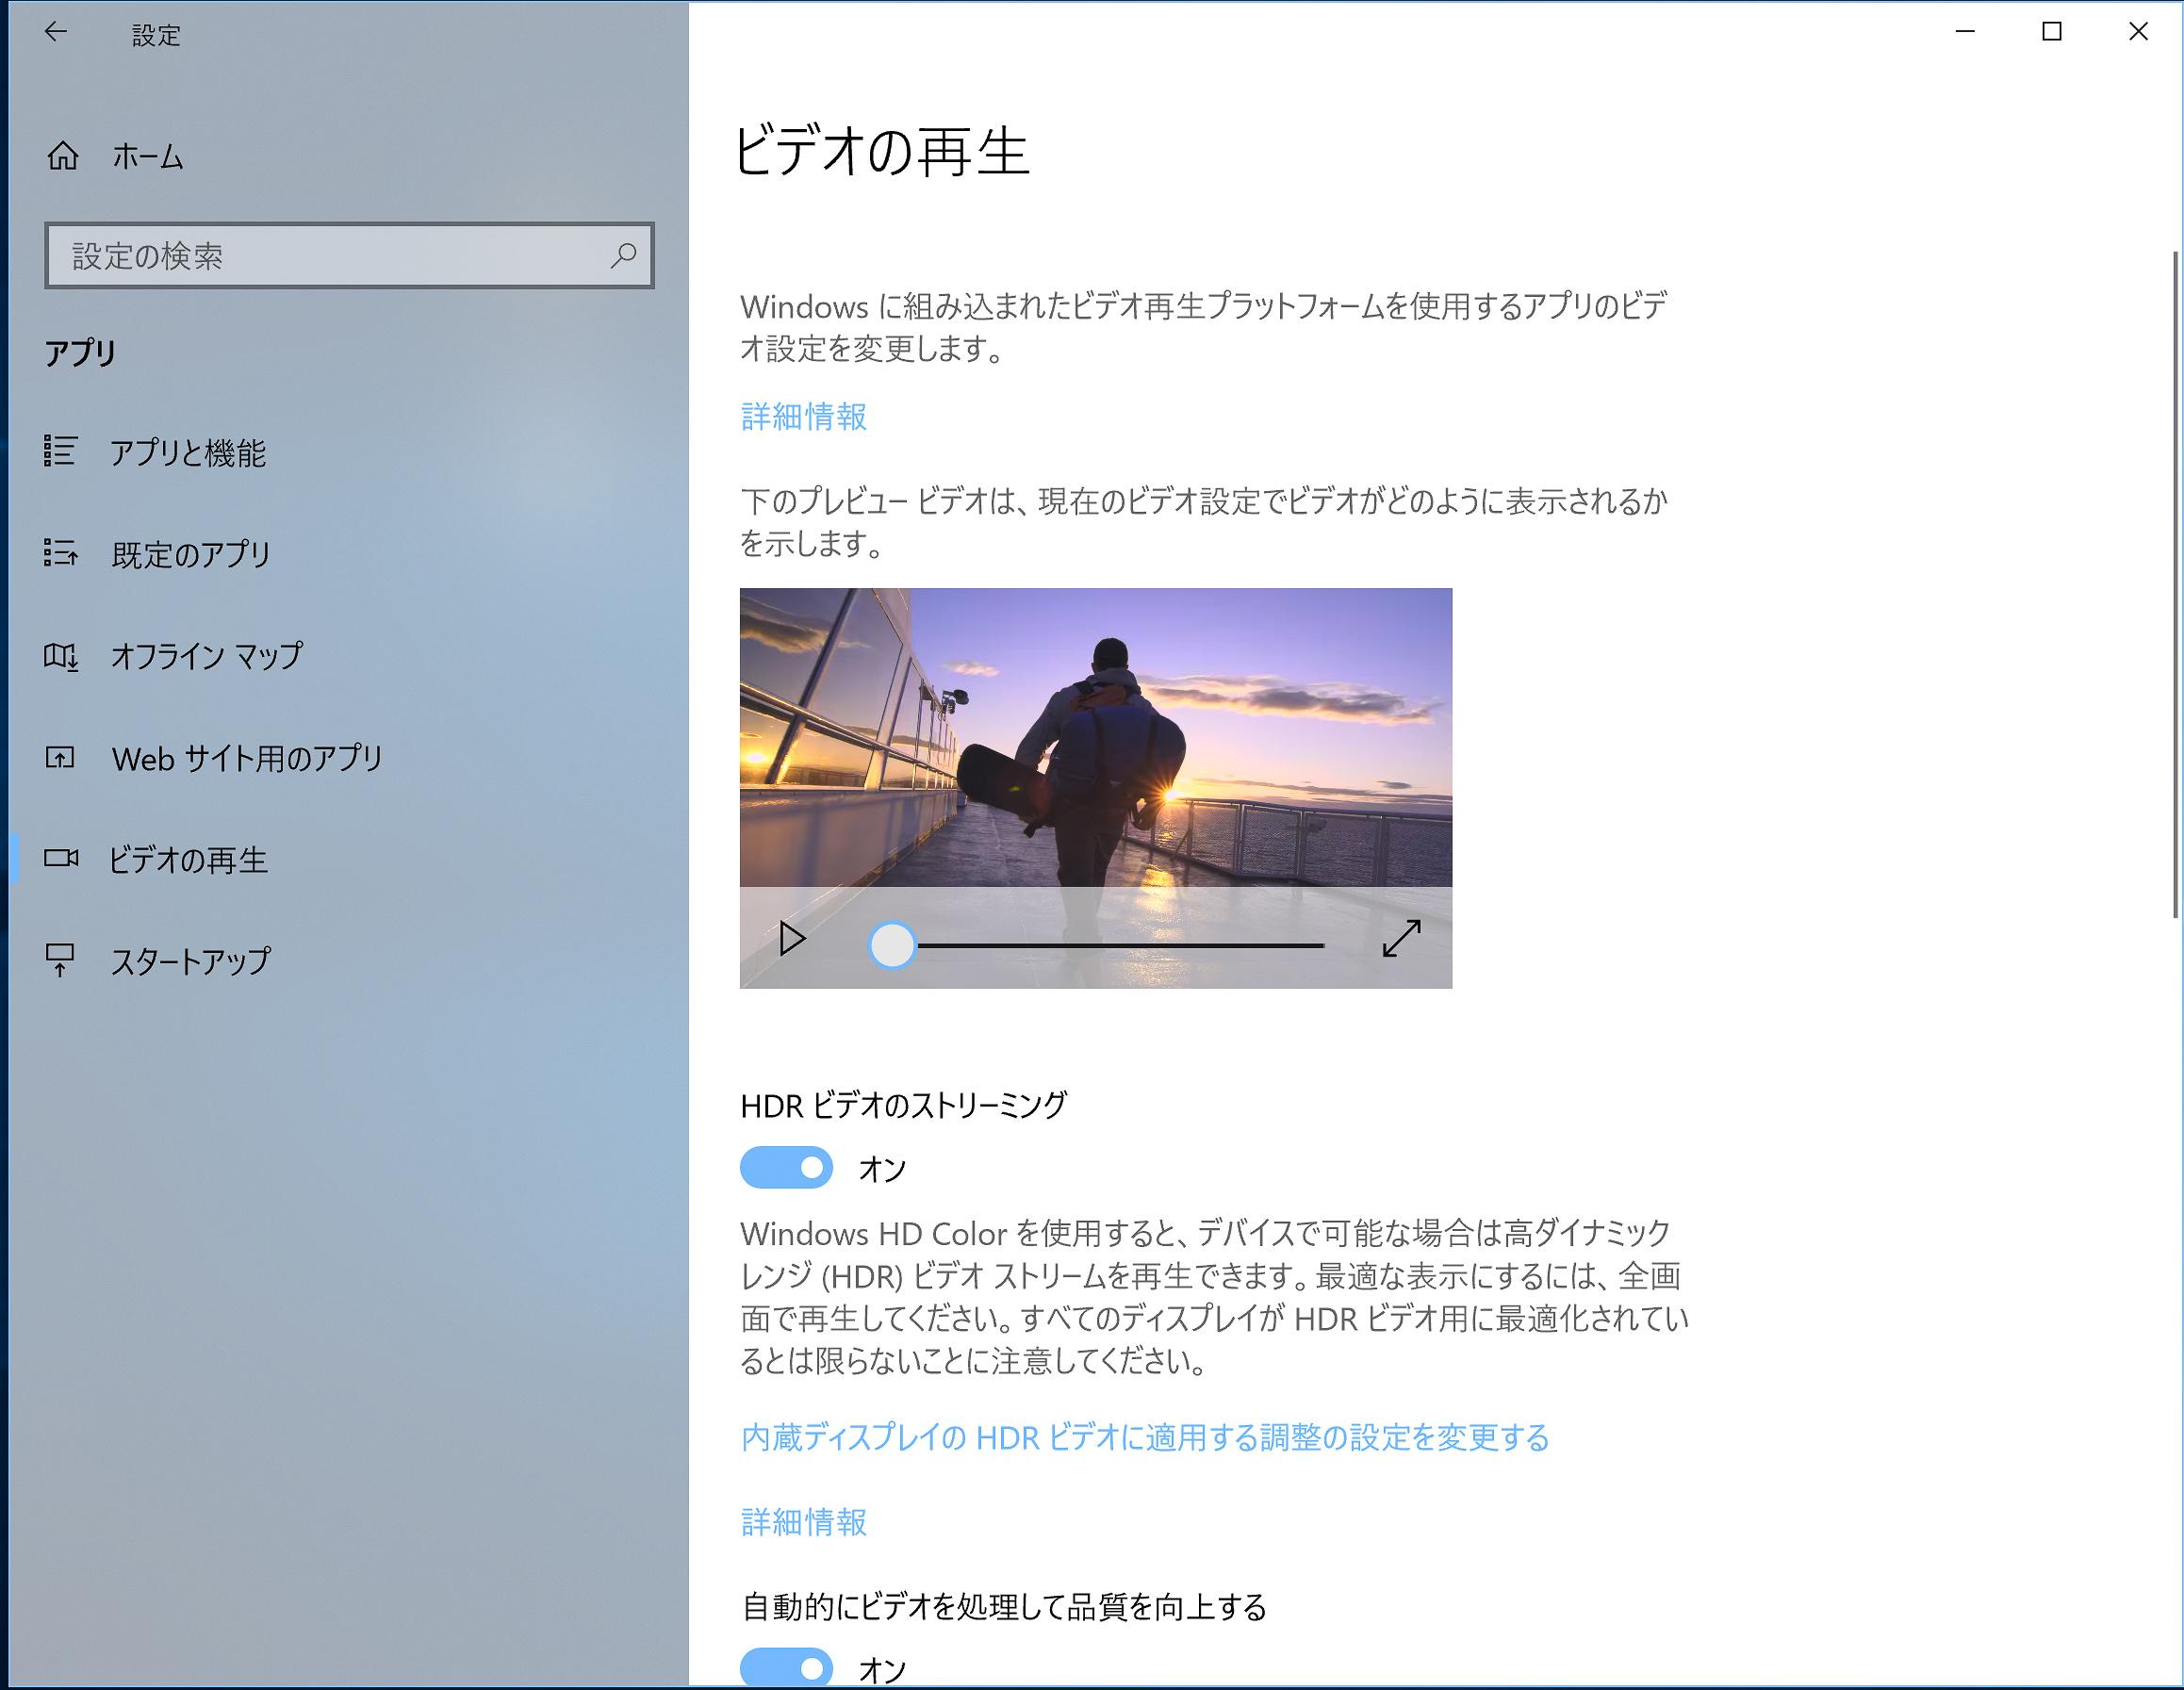 「設定」内の「アプリ」→「ビデオの再生」から、HDRの設定は行なえる